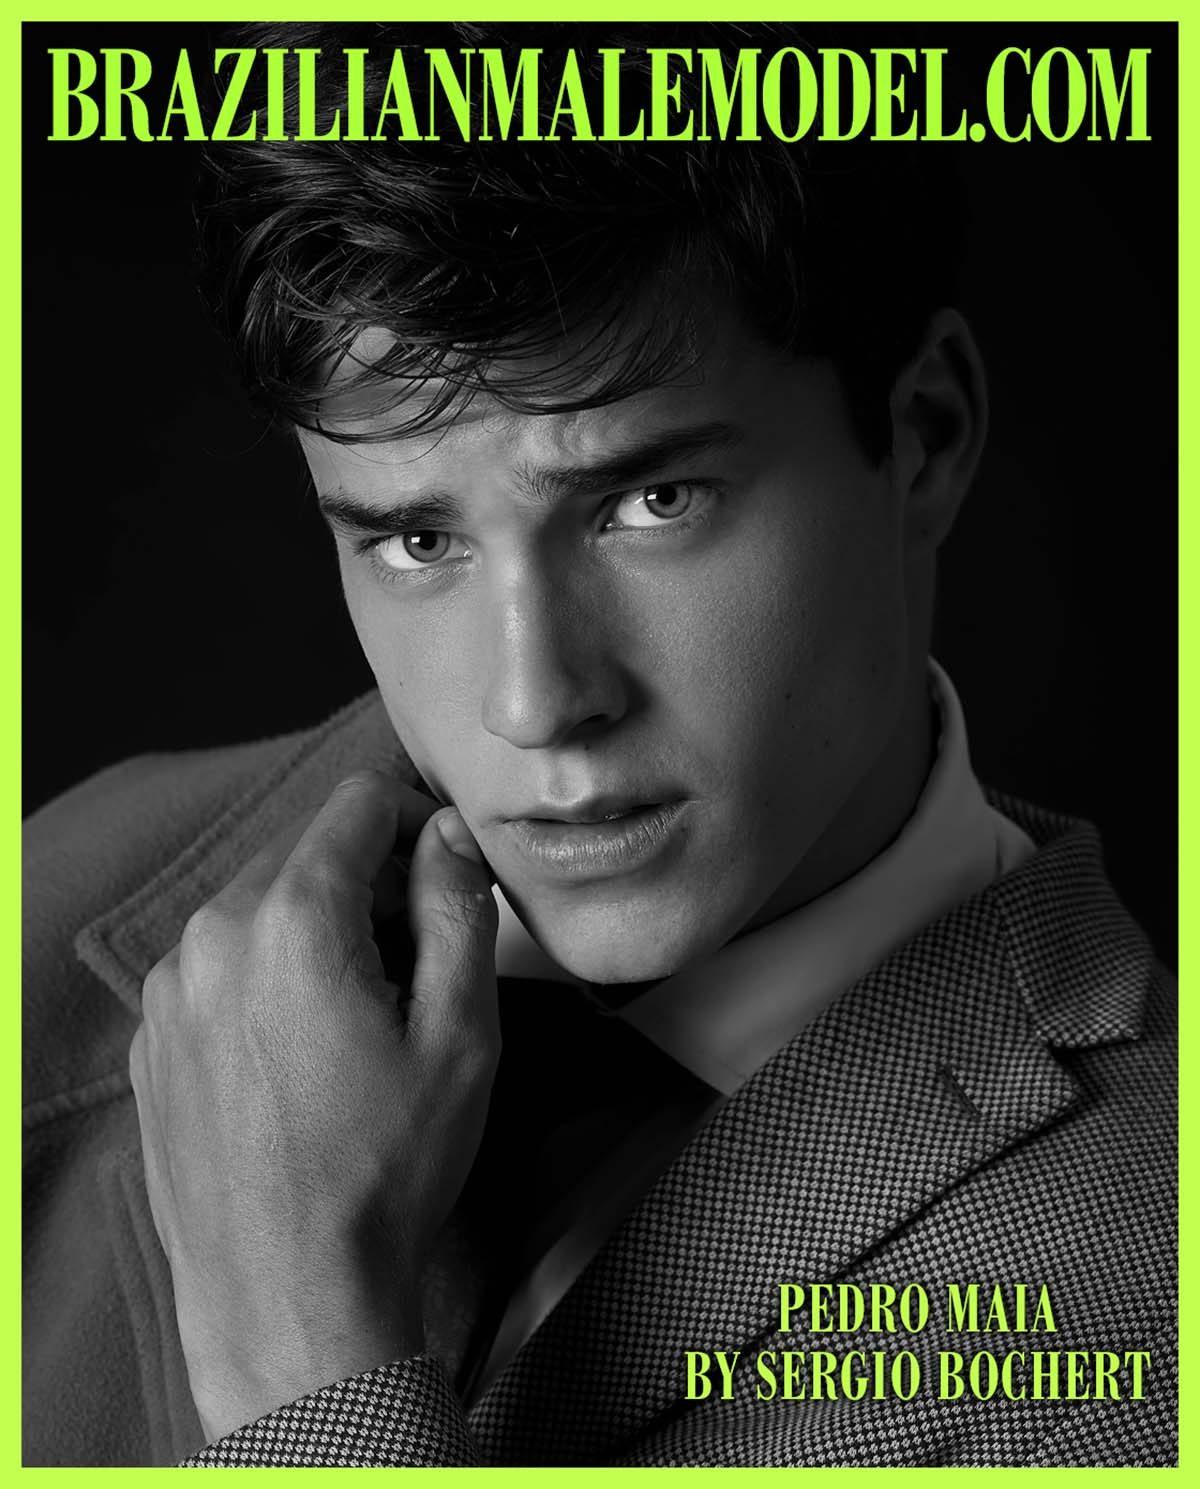 Pedro Maia by Sergio Bochert